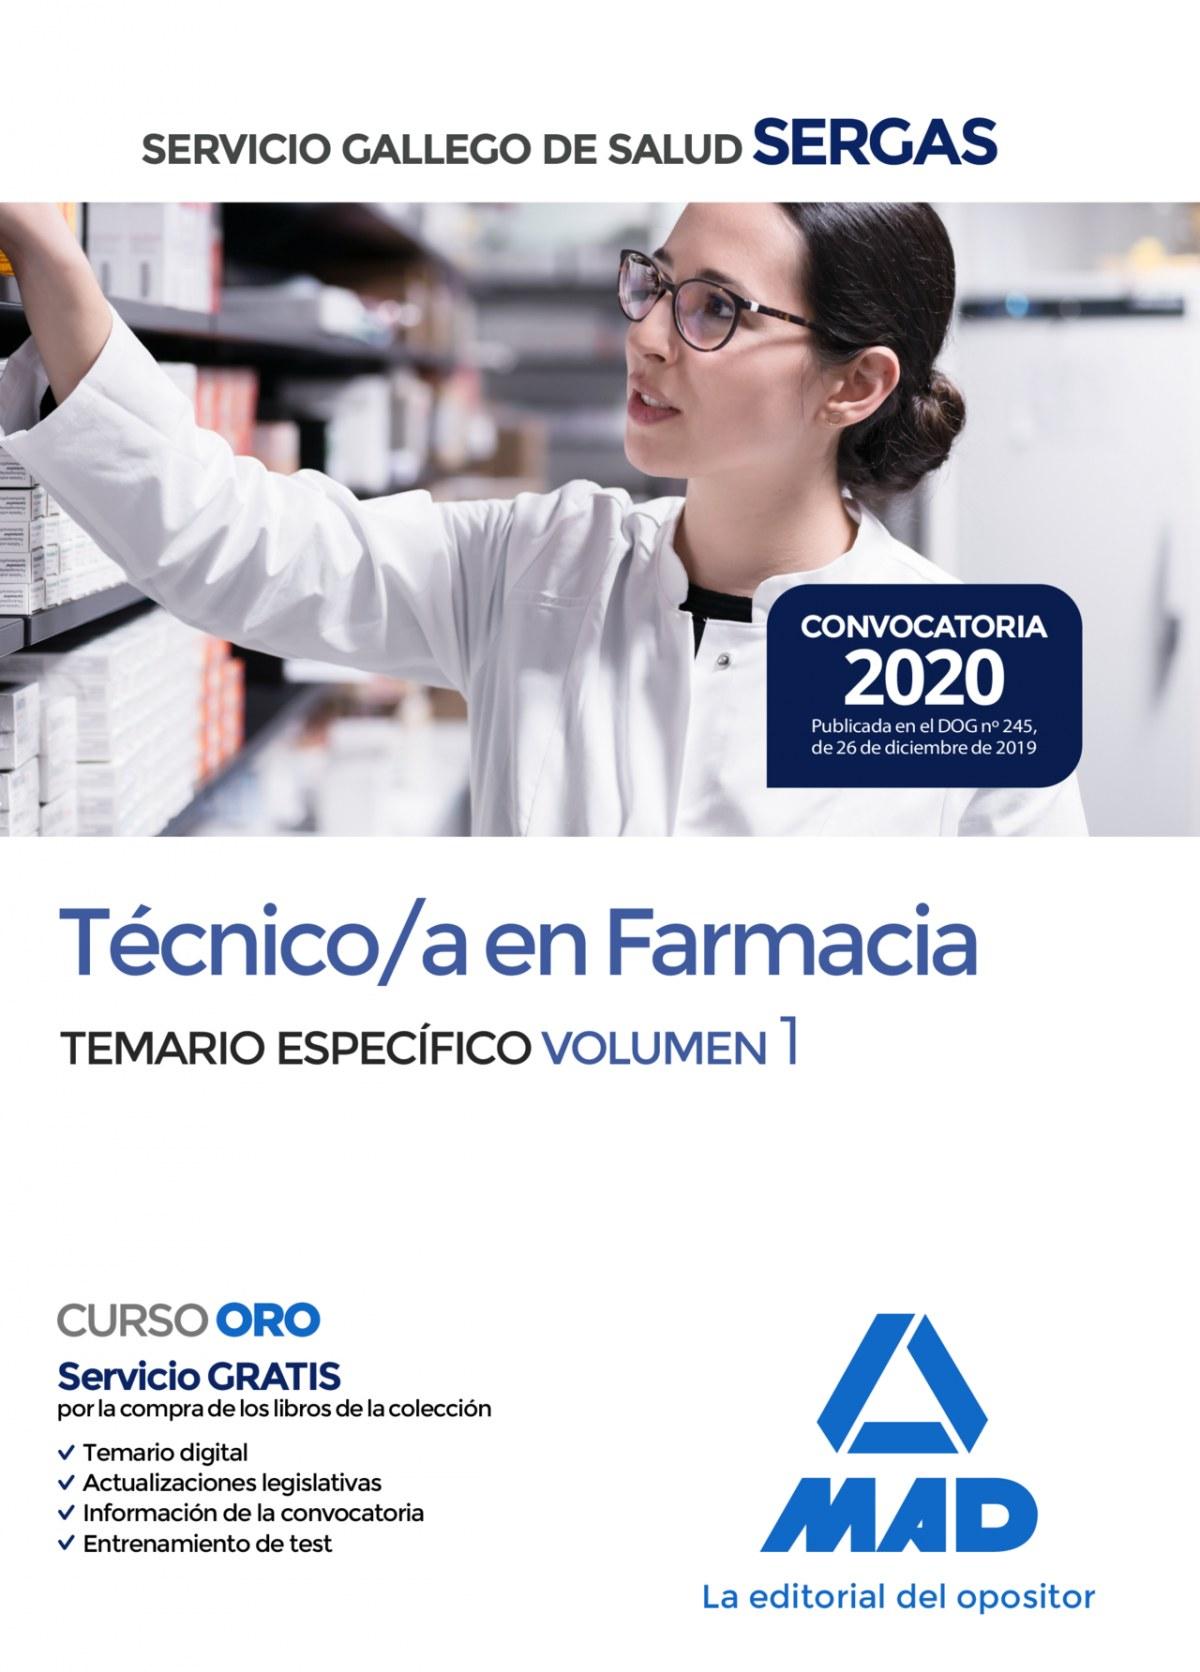 Técnico/a en Farmacia del Servicio Gallego de Salud . Temario esp